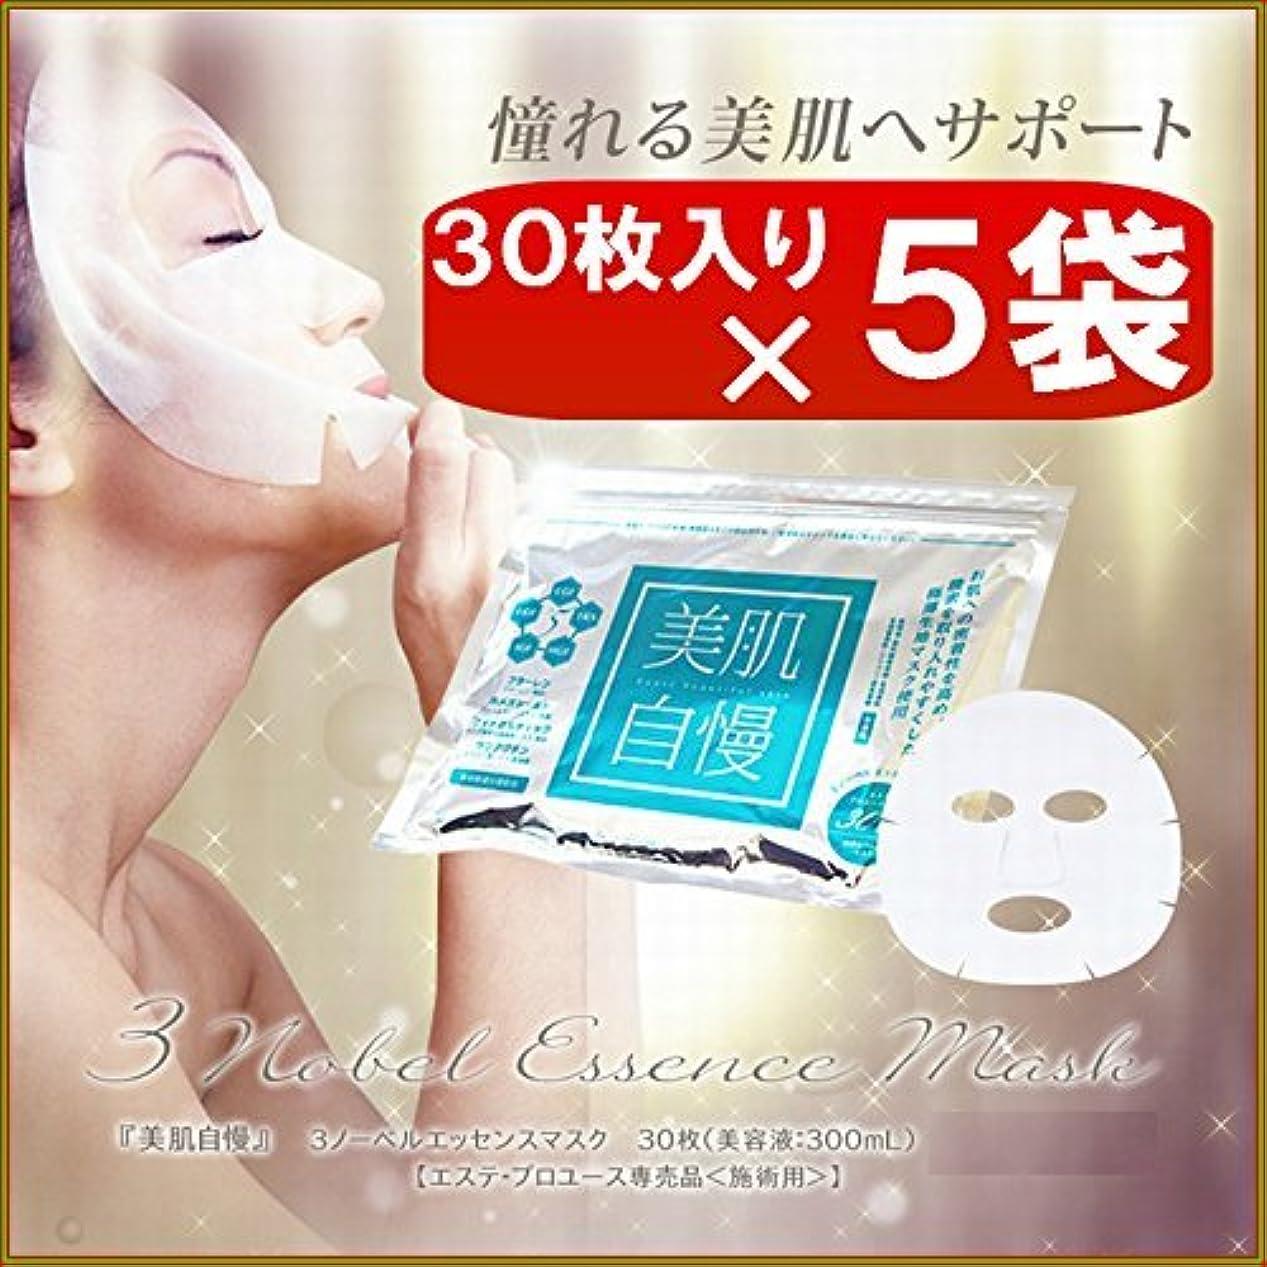 高尚な前任者耳美肌自慢フェイスマスク 30枚入り ×超お得5袋セット 《エッセンスマスク、EGF、IGF、ヒアルロン酸、プラセンタ、アルブチン、カタツムリエキス、しみ、しわ》